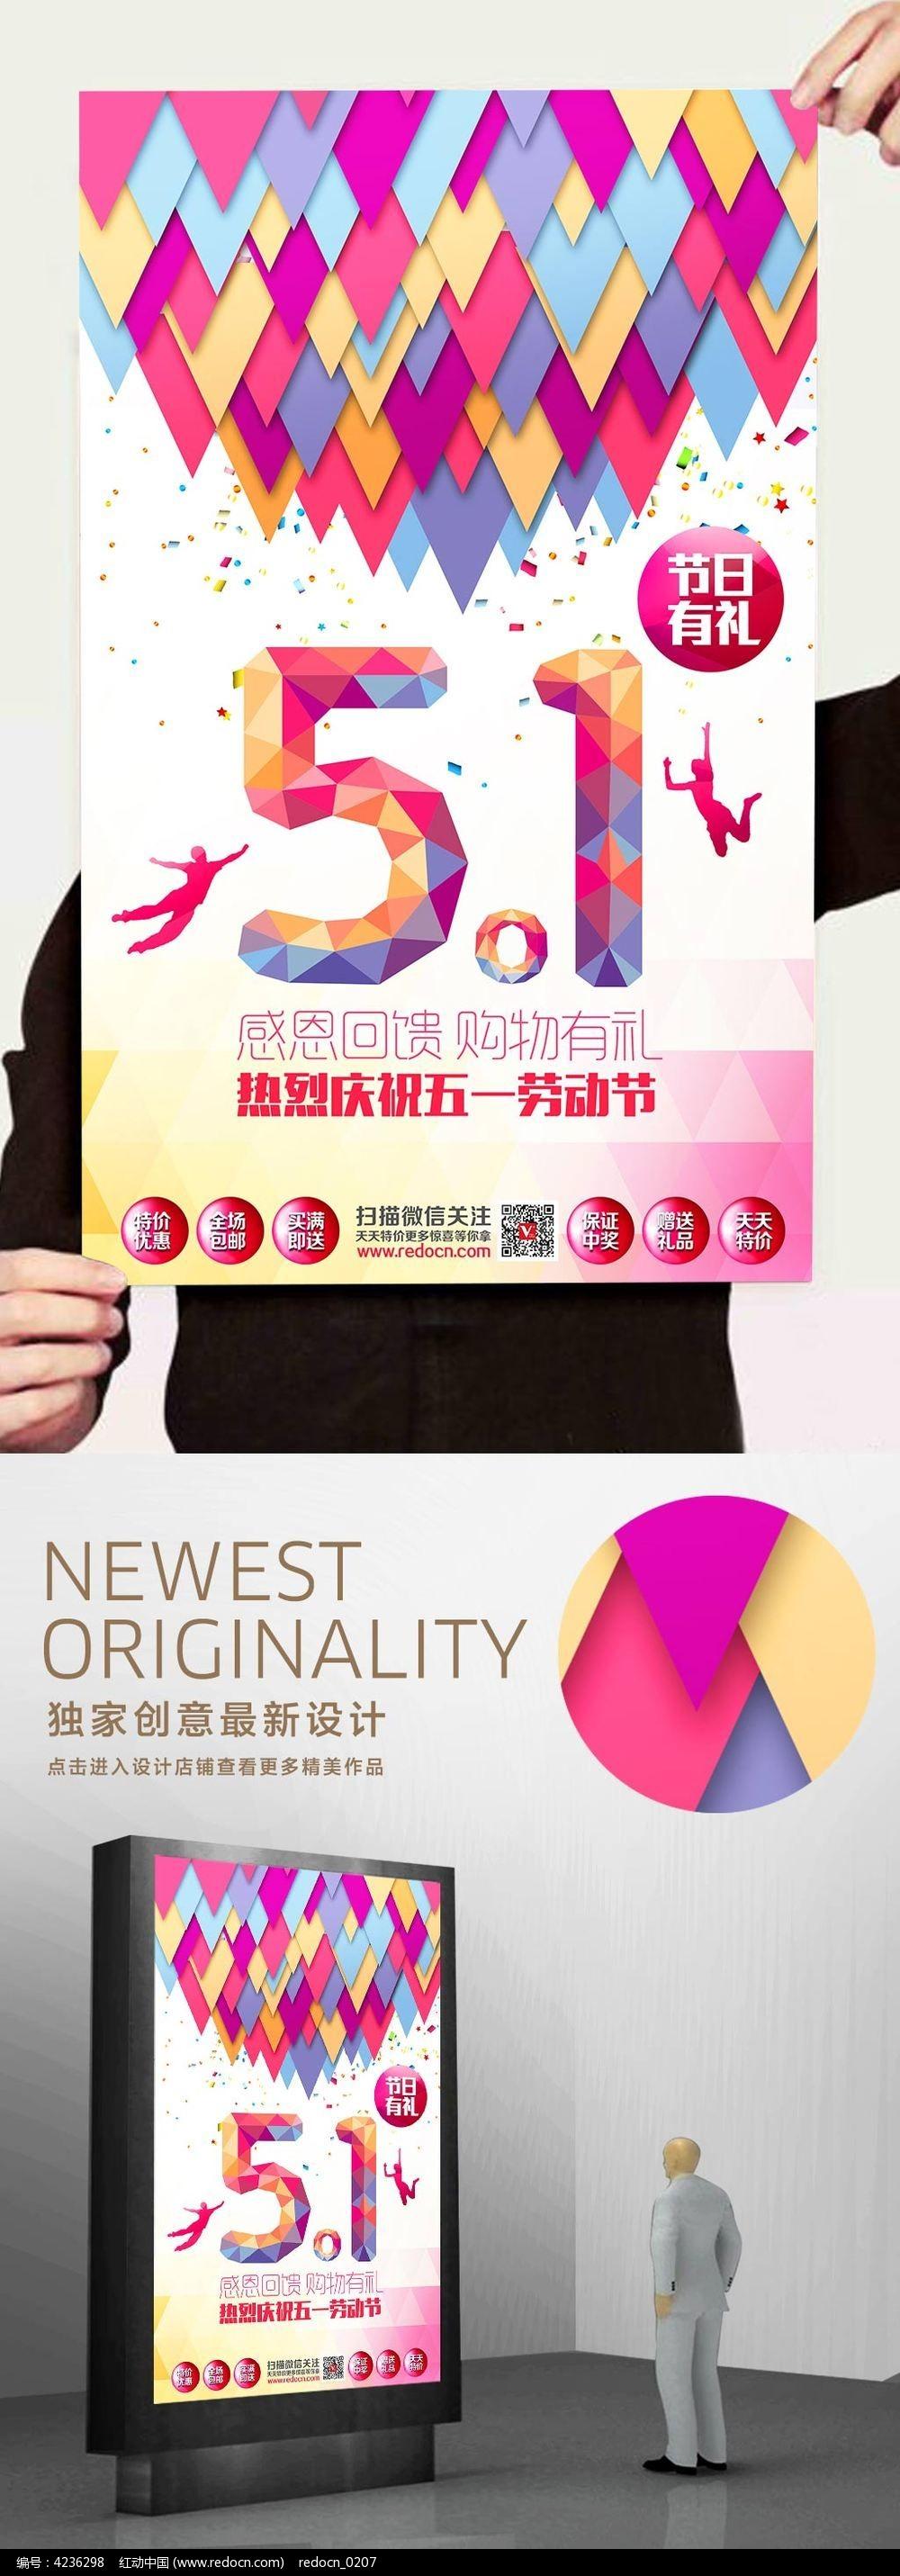 五一钜惠劳动节宣传海报设计